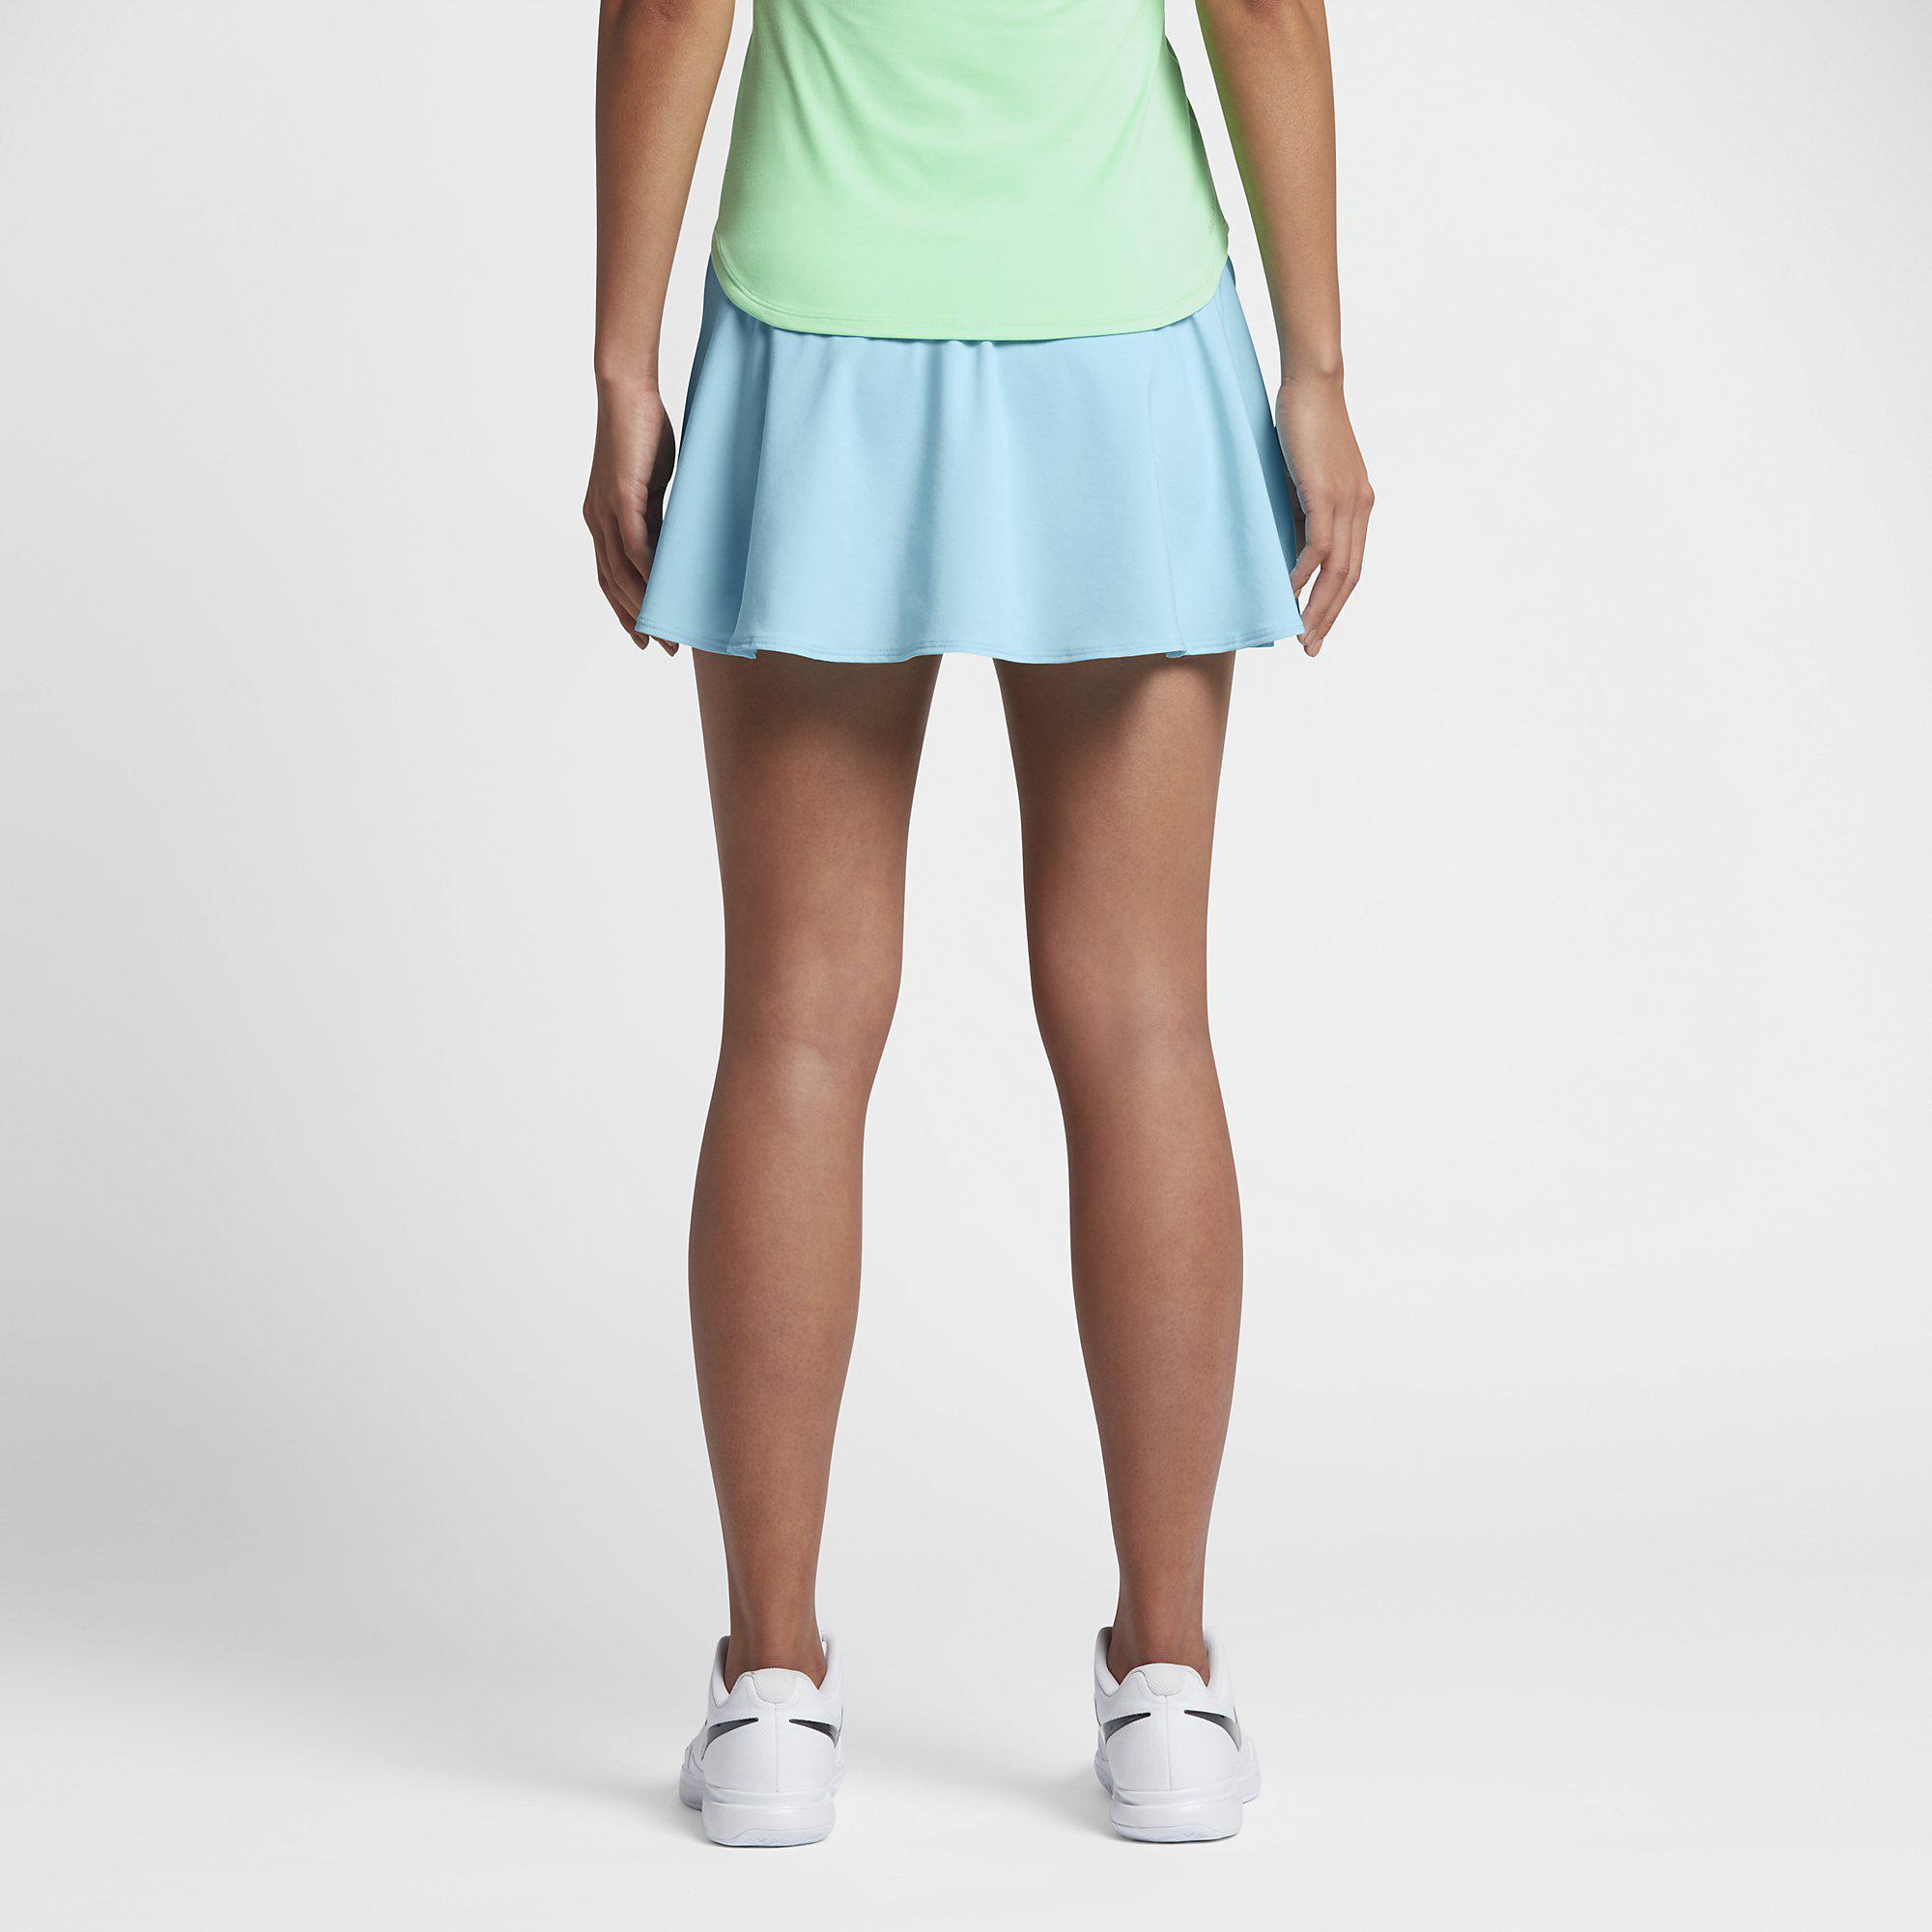 1ad99566863e Nike Womens Court Pure Skort - Still Blue - Tennisnuts.com